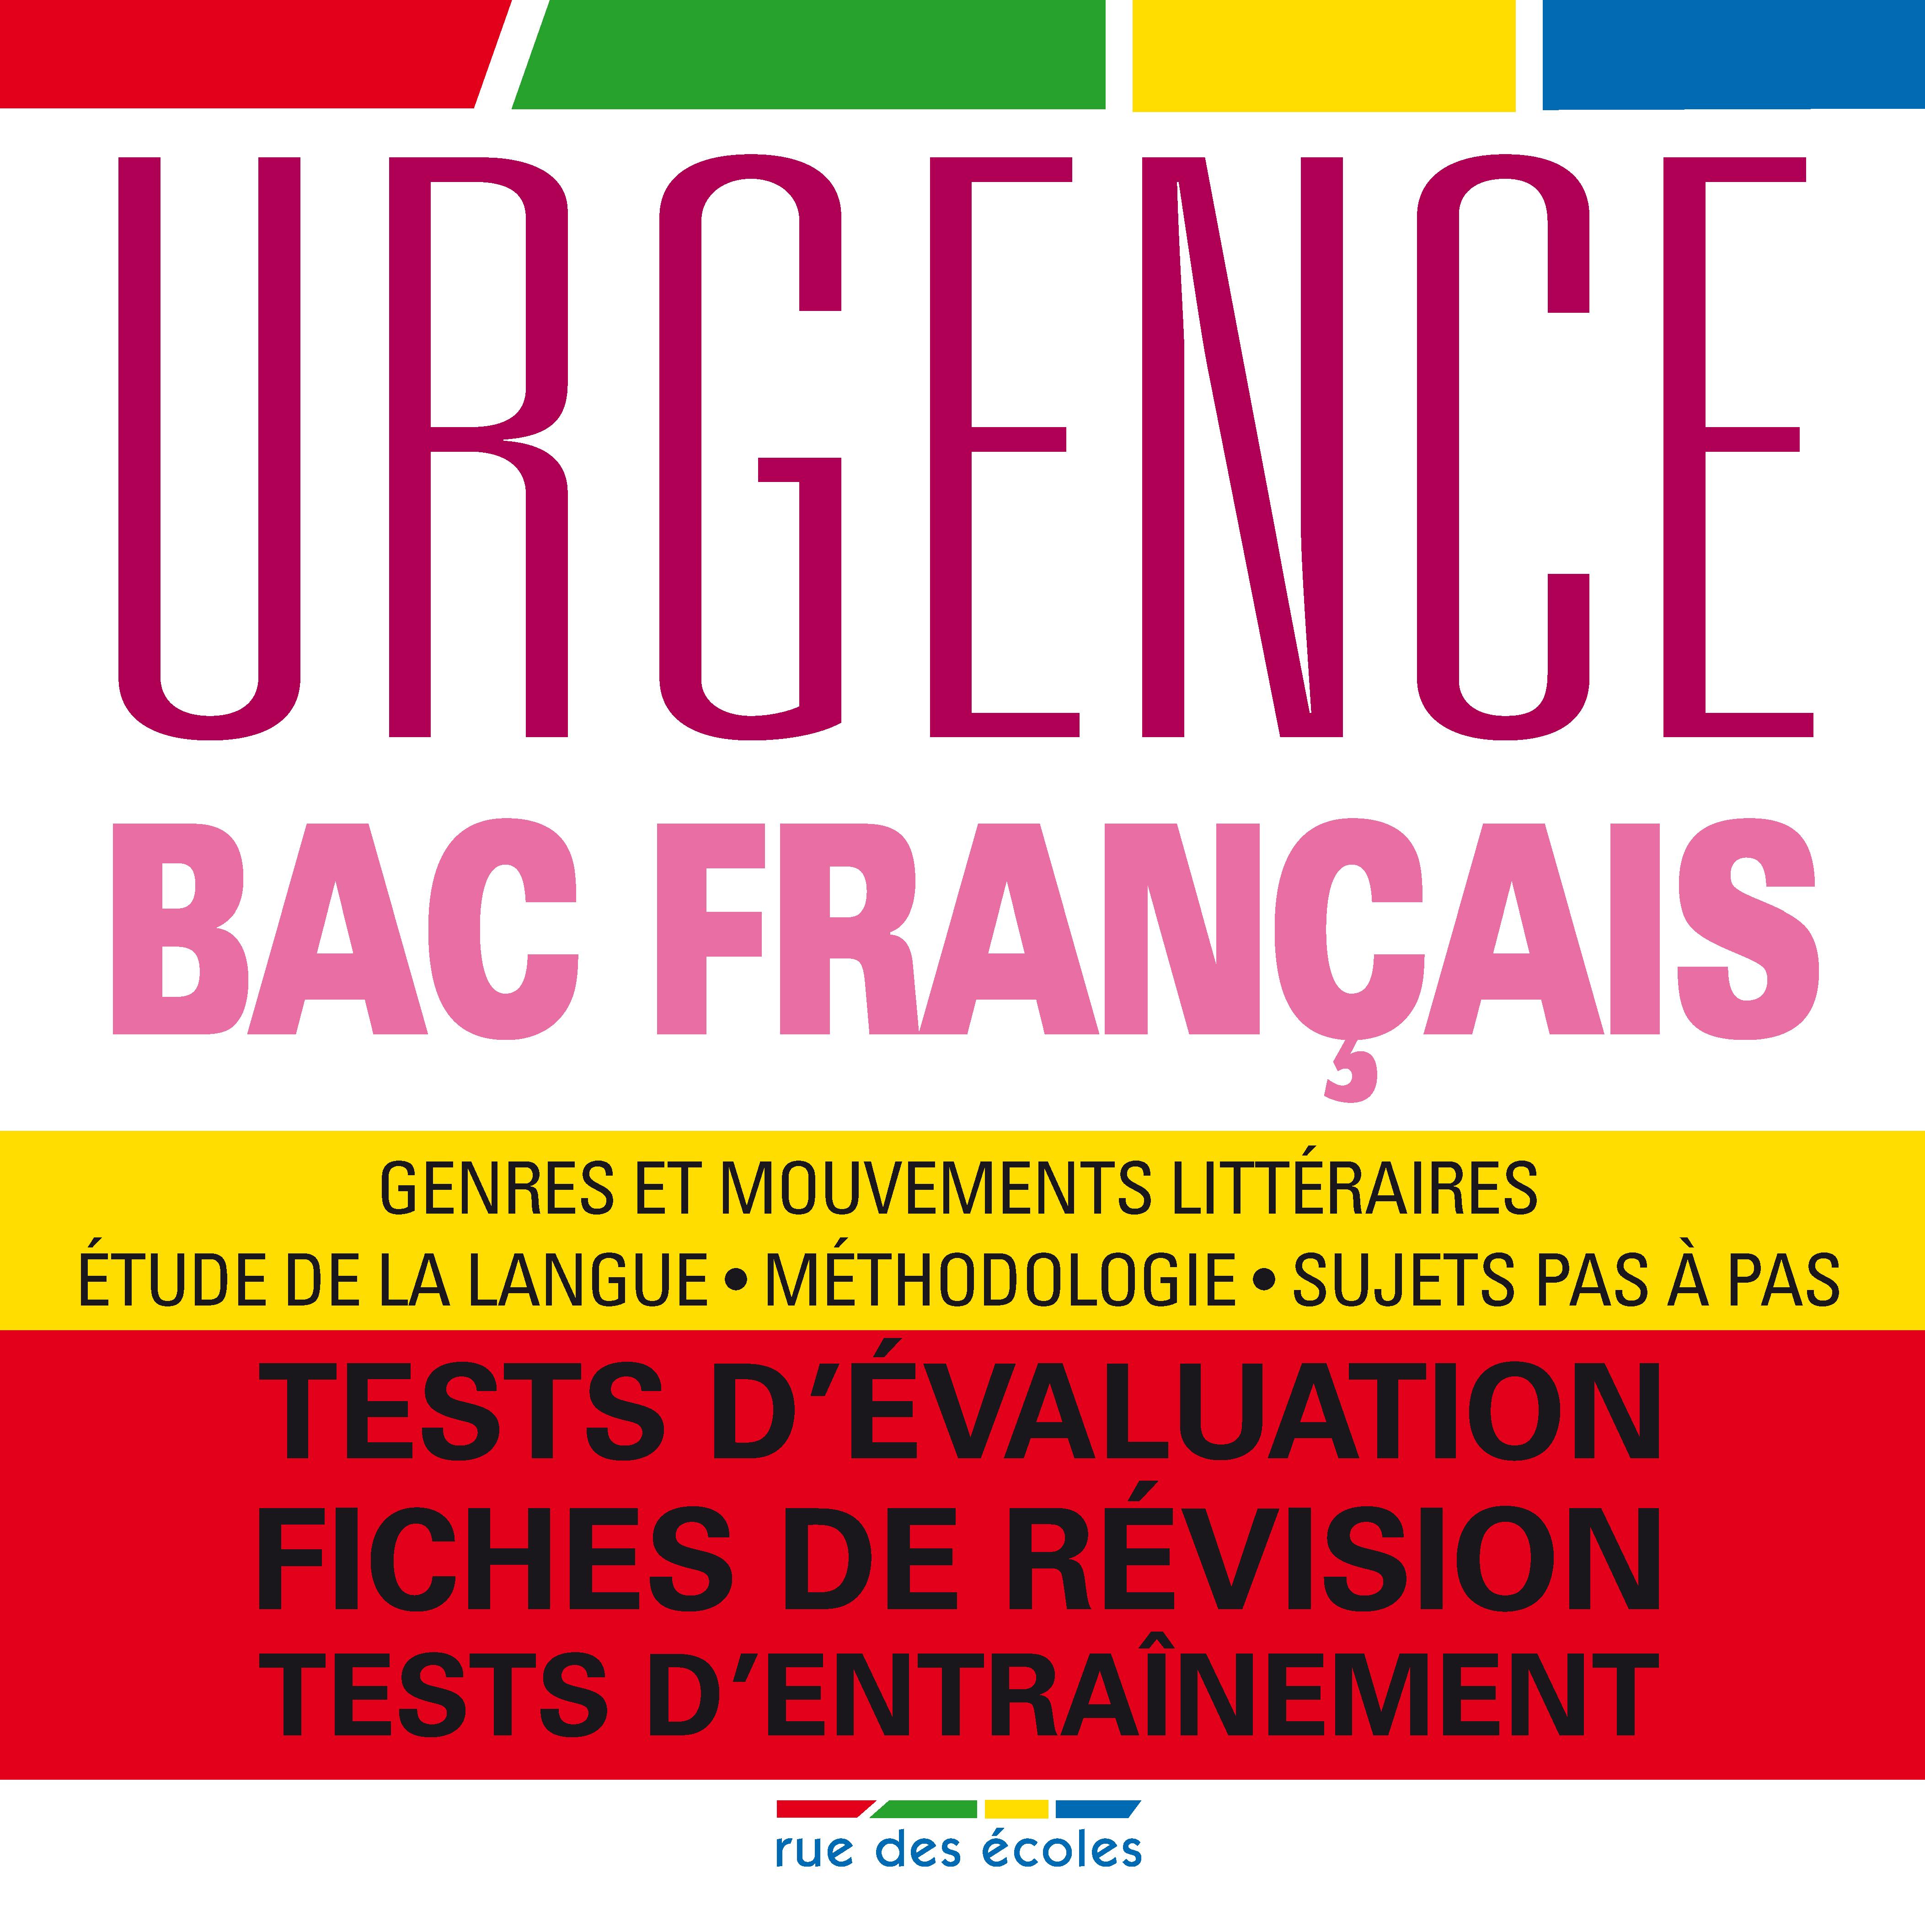 BAC FRANCAIS 2013